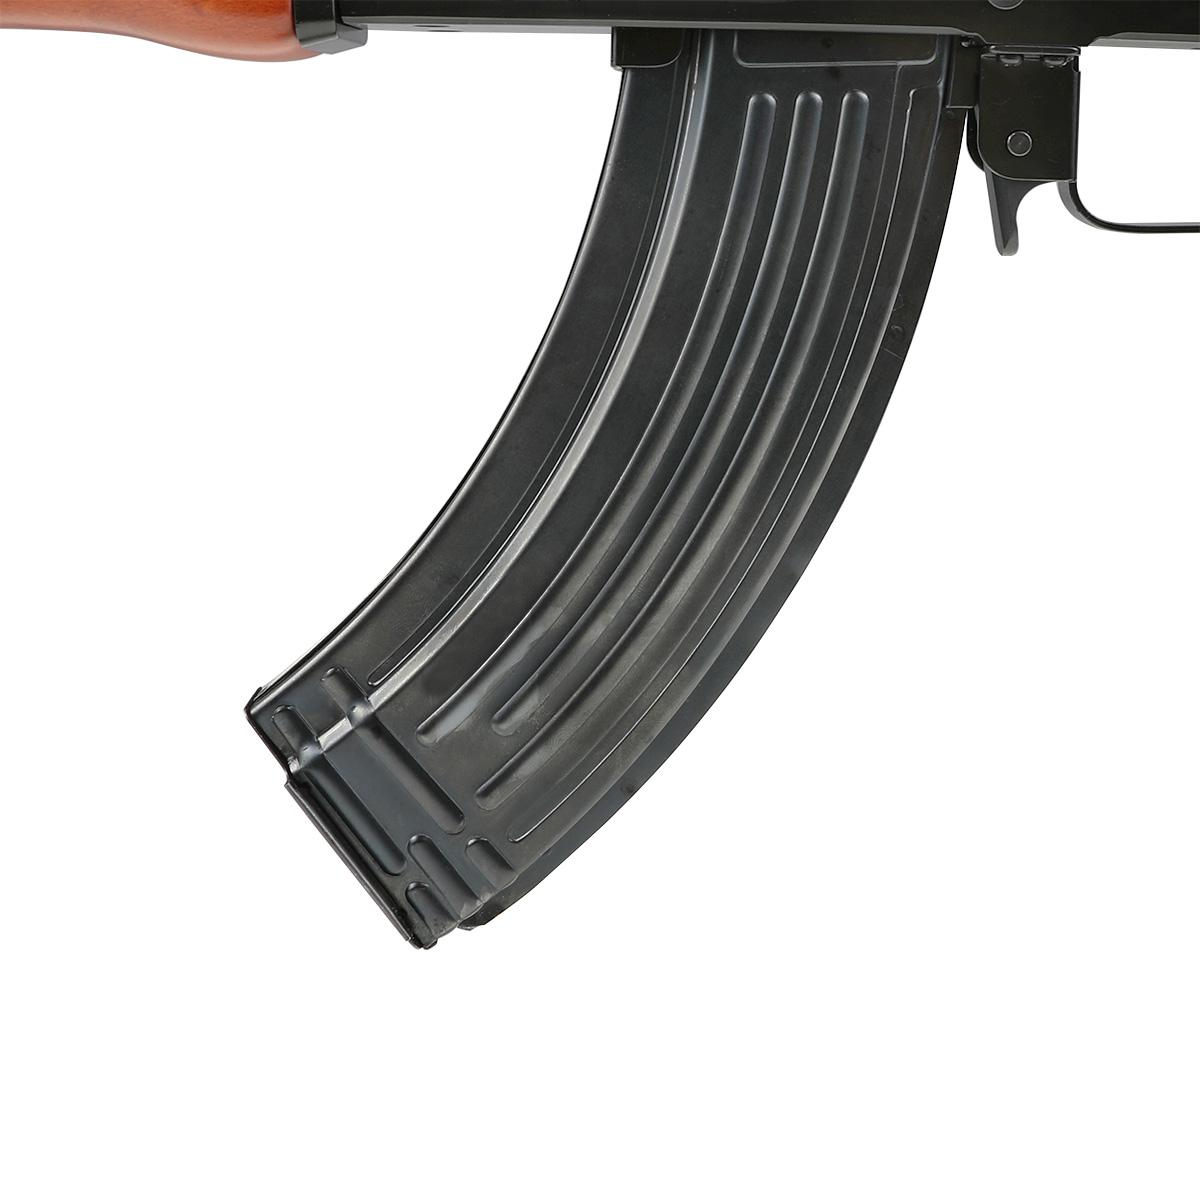 【同梱不可】 SRC AK47 フルメタル電動ガン NV (リアルウッド JP Ver.) 【配送業者:佐川急便限定】